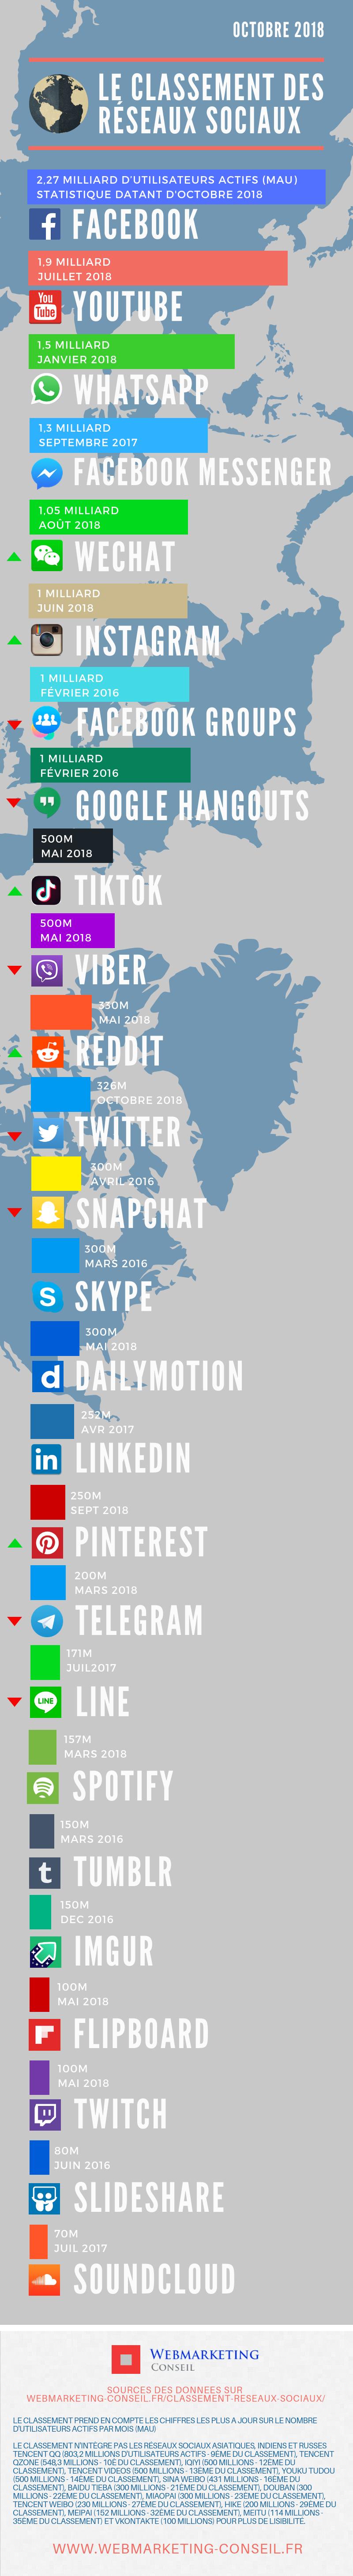 sites de réseautage social indien pour la datation